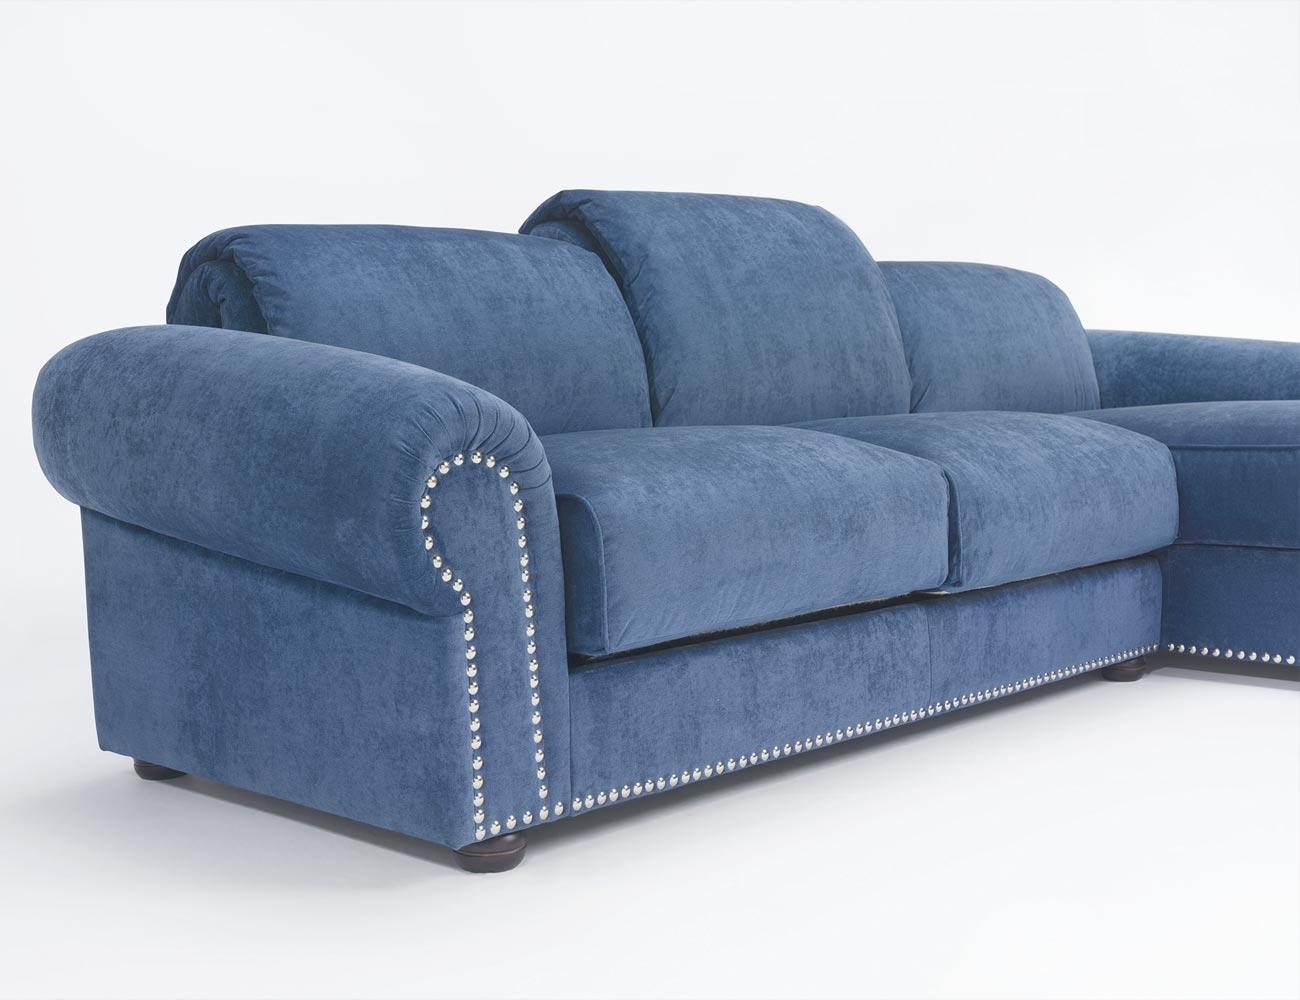 Sofa chaiselongue gran lujo decorativo azul 117